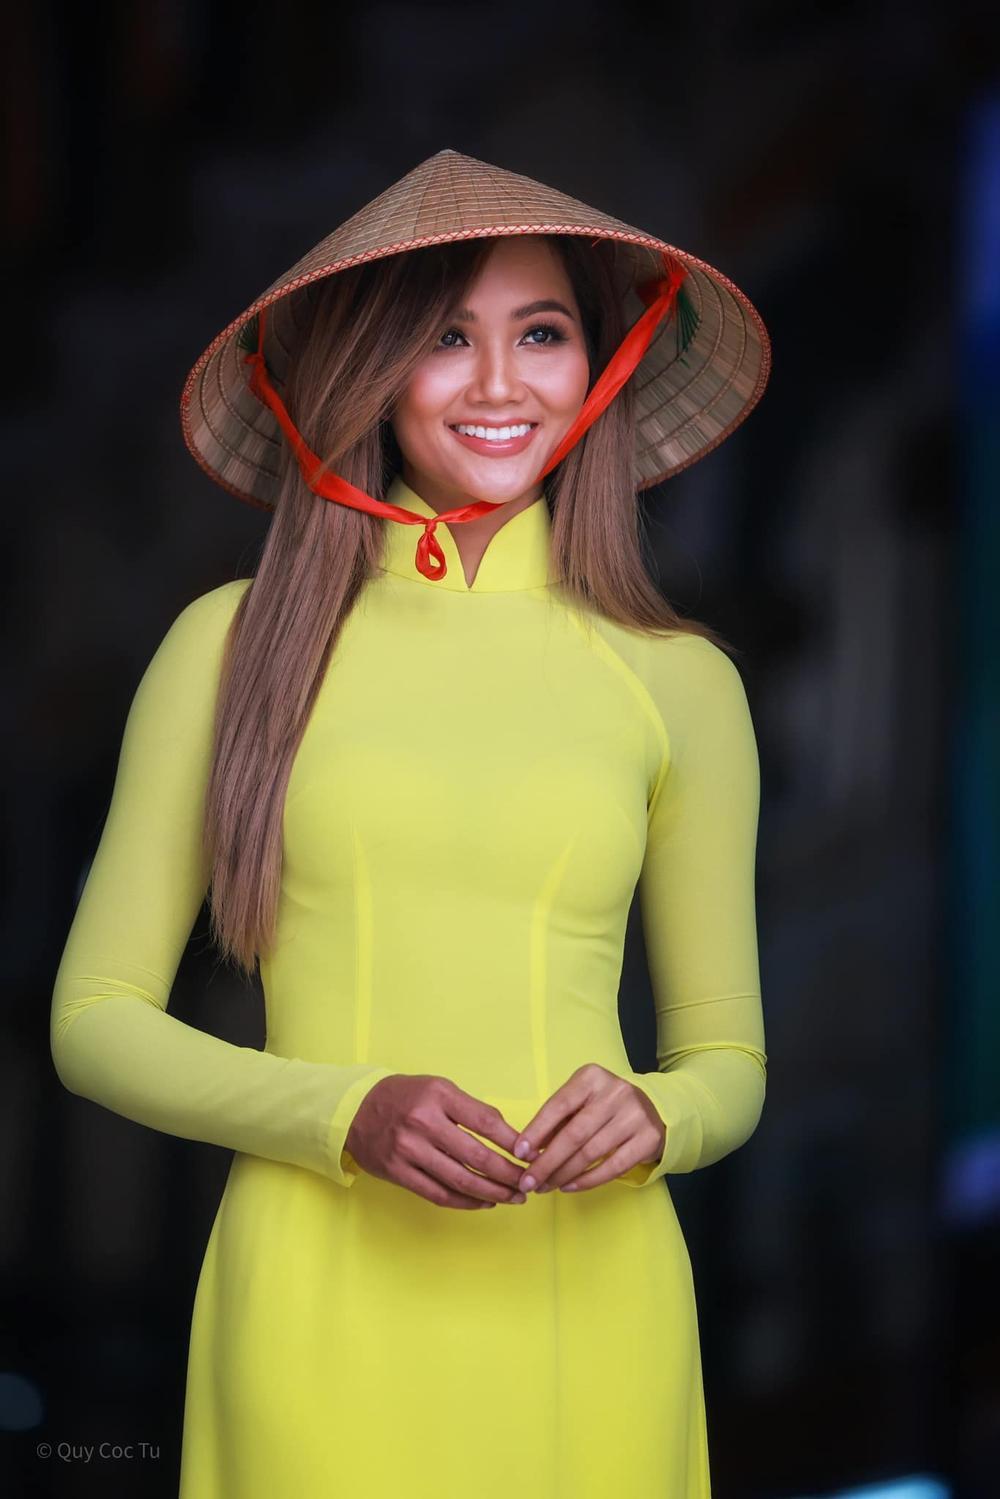 H'Hen Niê nhuộm tóc nâu vàng diện áo dài duyên dáng, nhan sắc rạng rỡ khiến fan không thể rời mắt Ảnh 1